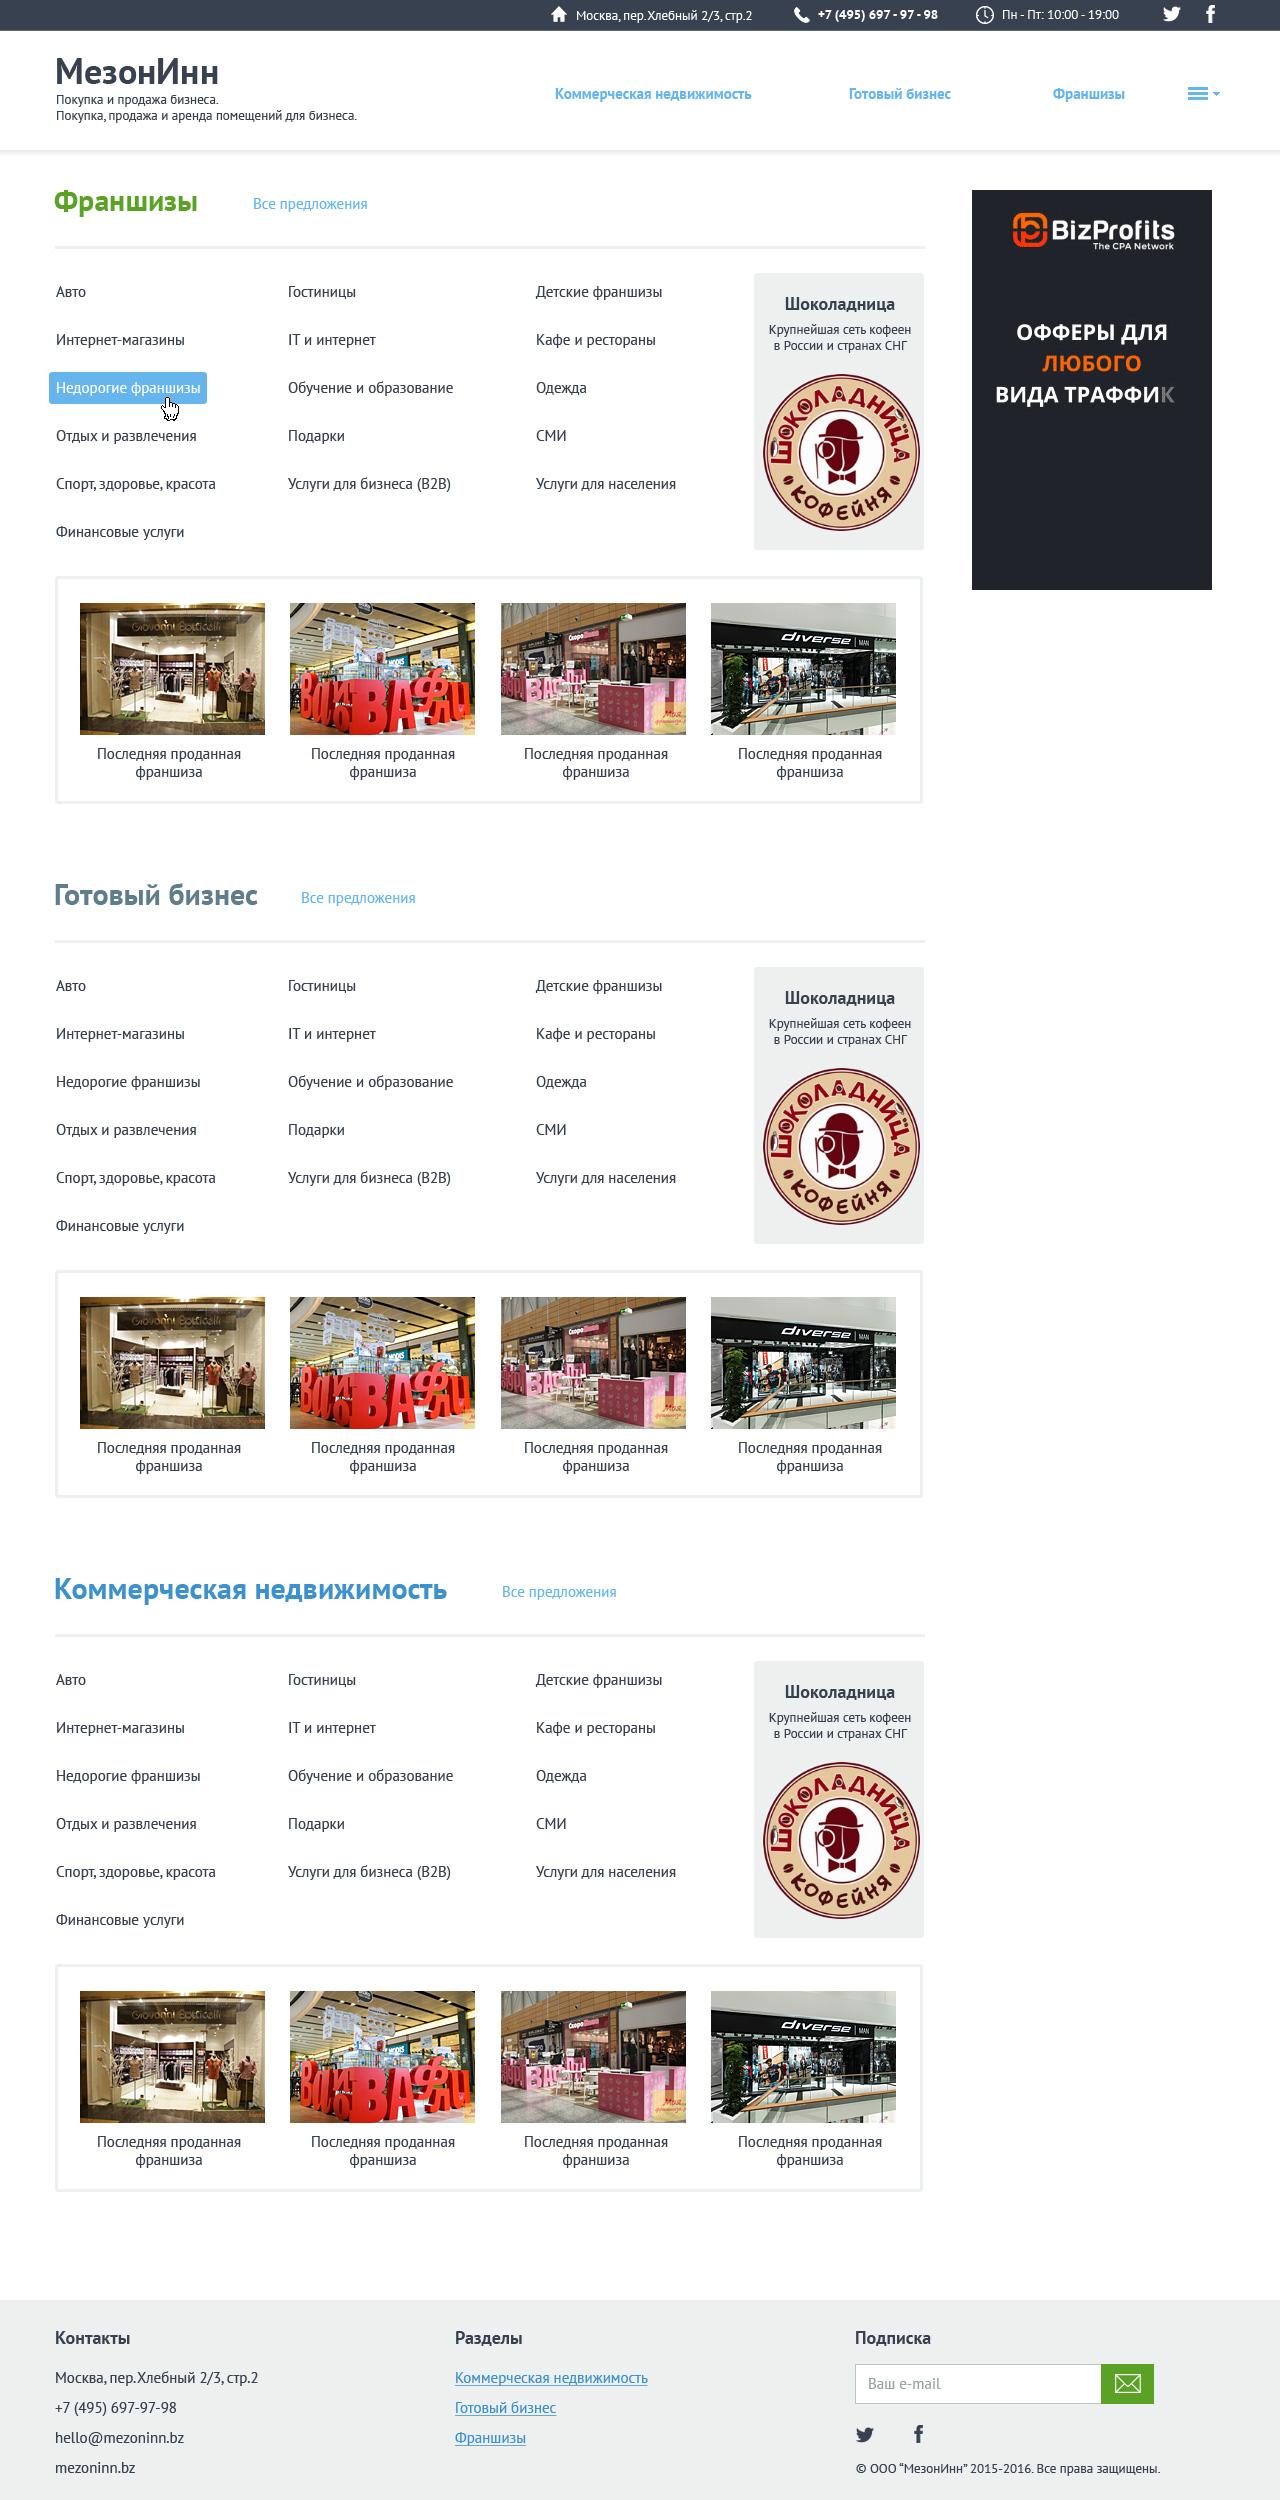 Доработать дизайн главной страницы сайта фото f_351574de00b4c77e.jpg